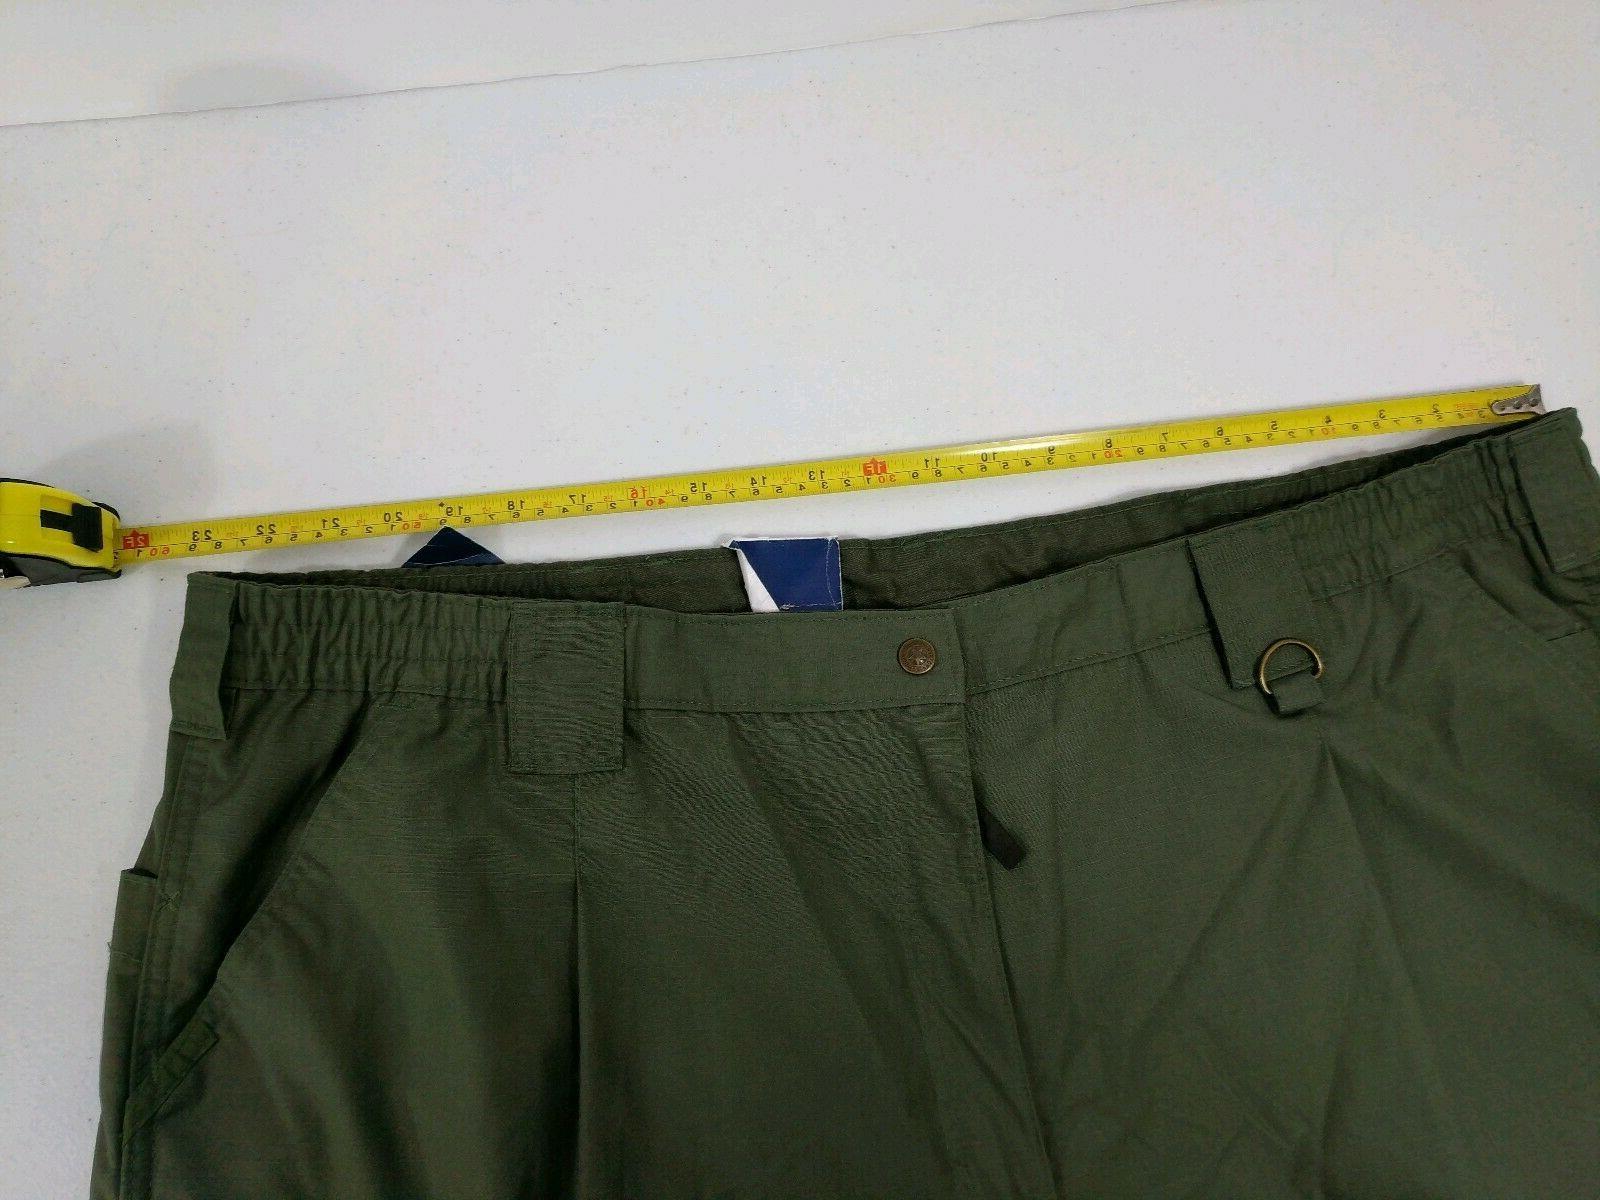 Propper Tactical Pants Green Un-Hemmed